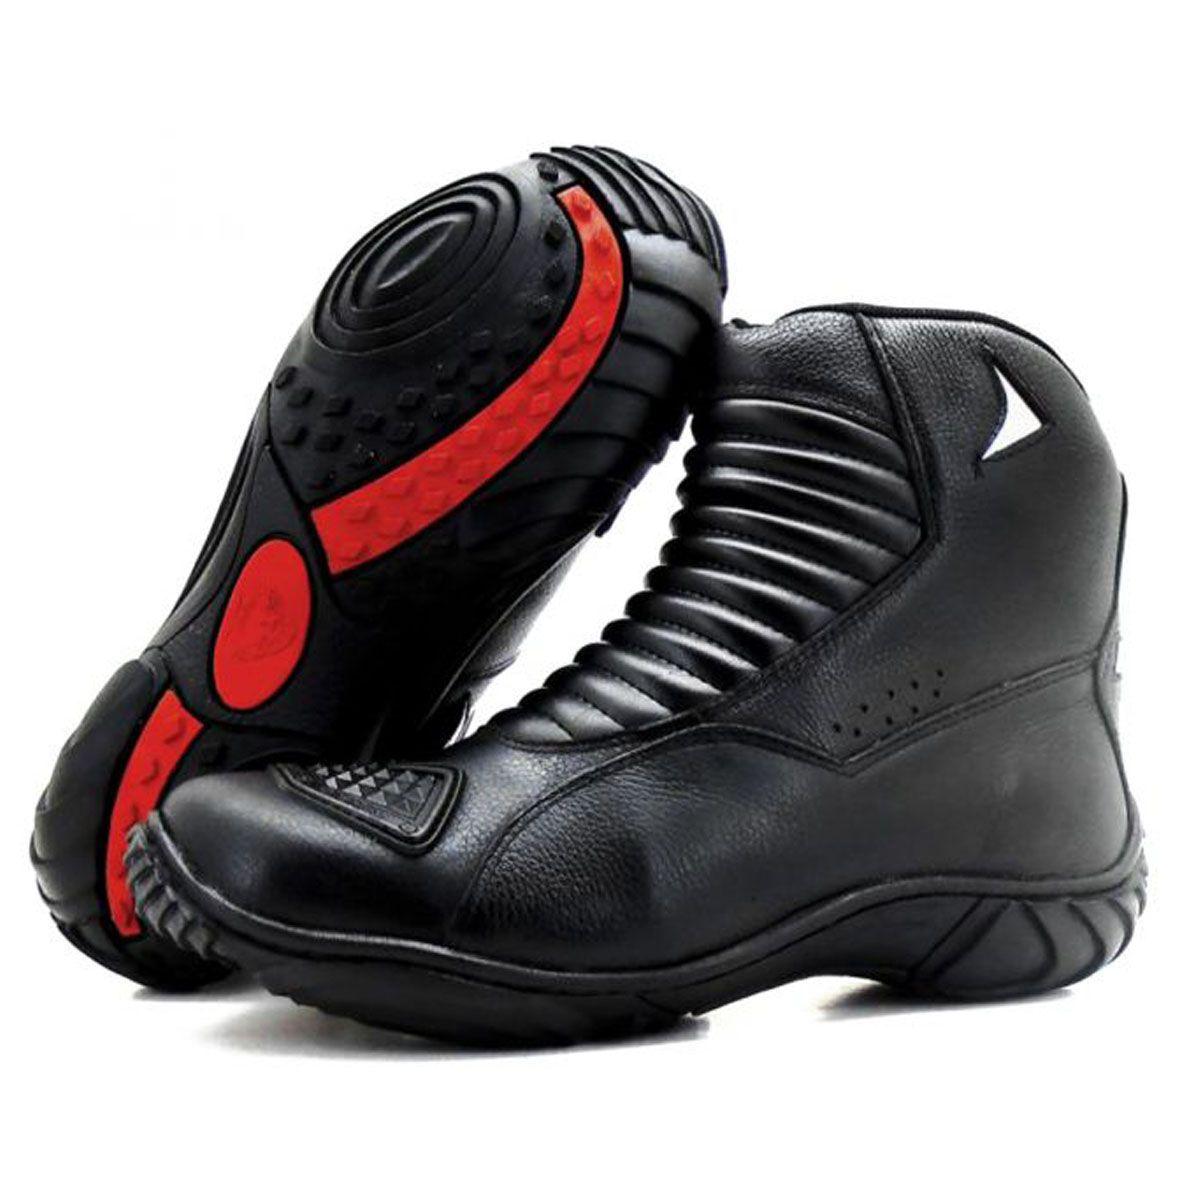 Bota para motociclista de cano médio Atron Shoes